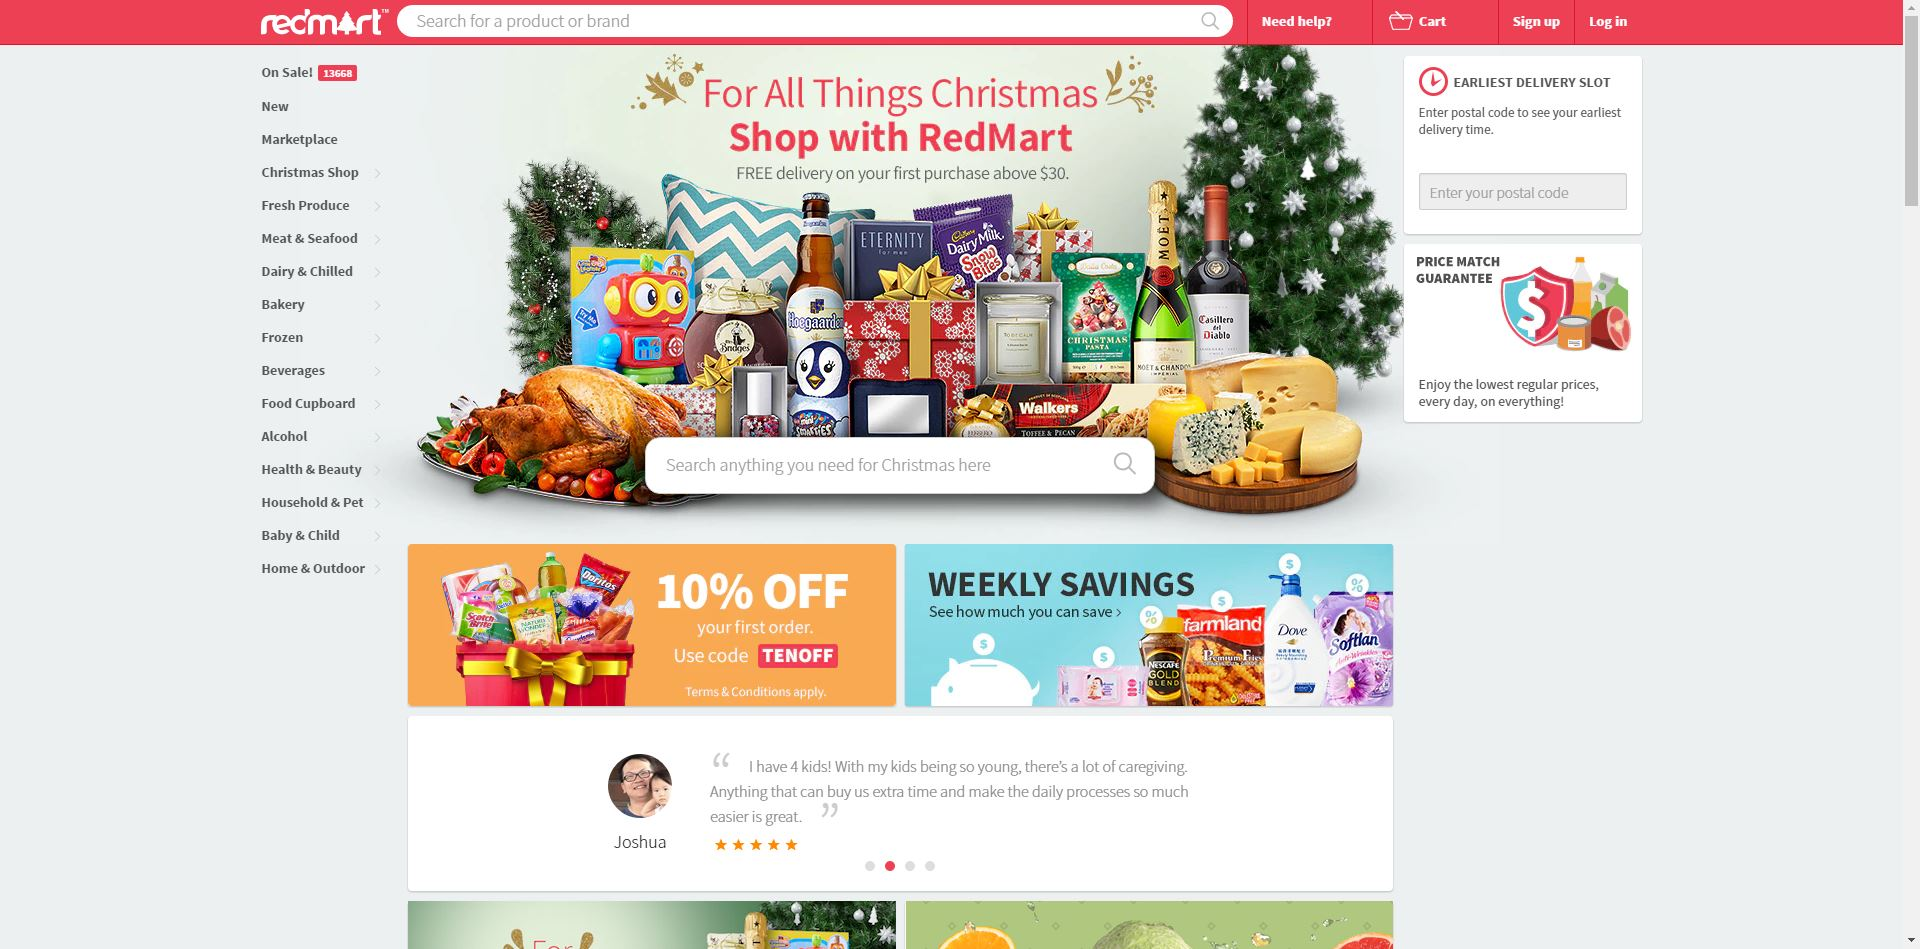 Redmart homepage